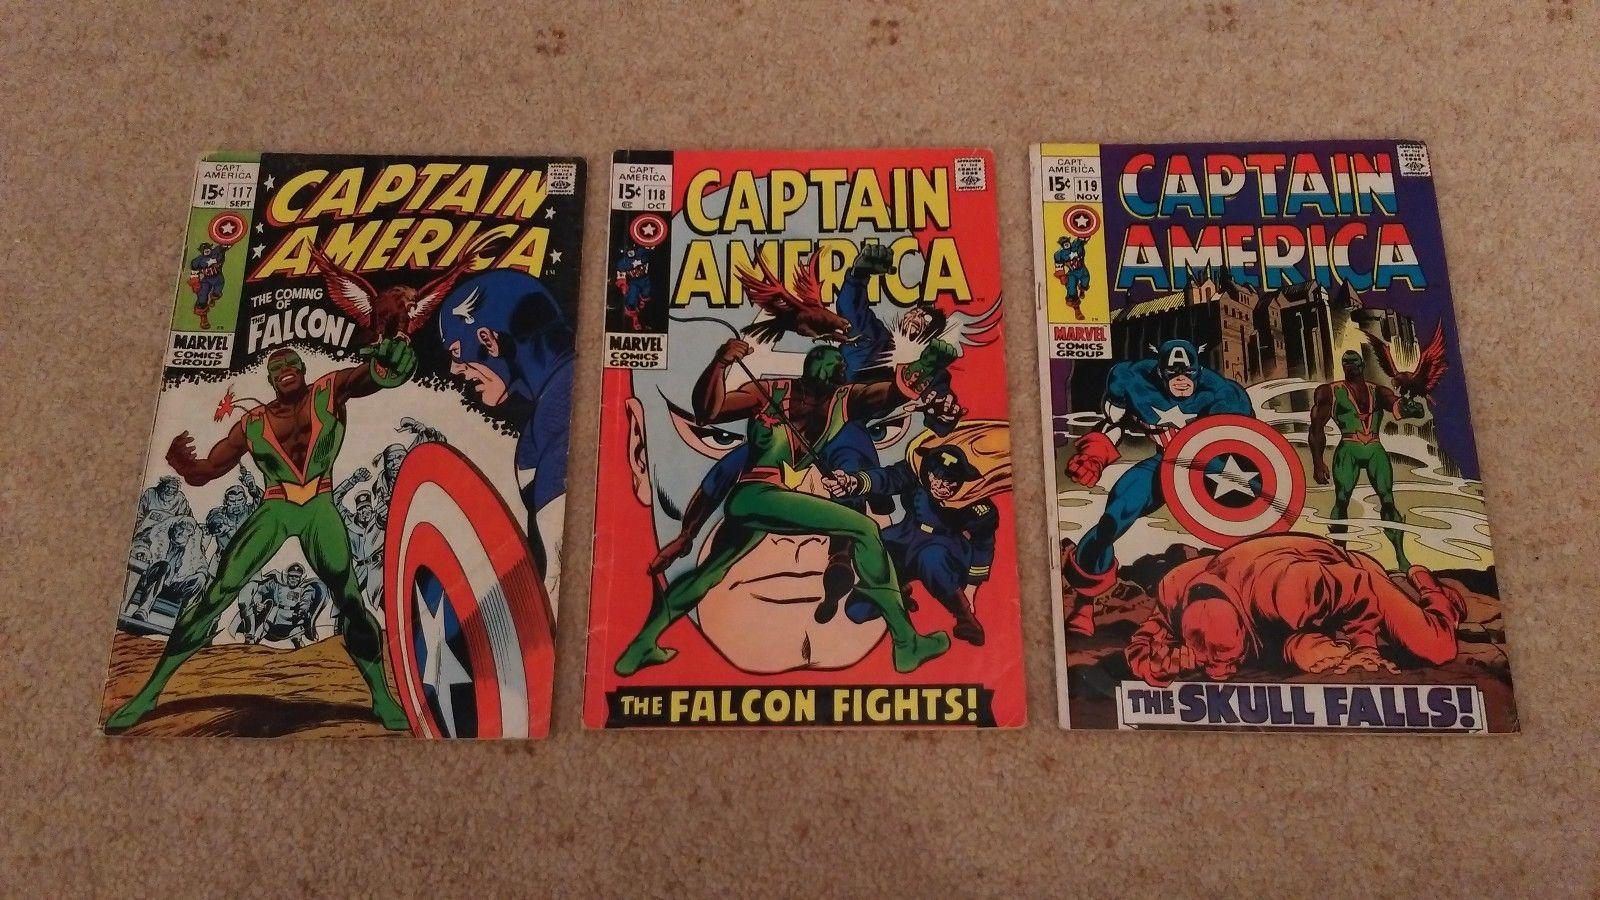 CAPTAIN AMERICA #117/118/119 - KEY SET 1ST 3 APPEARANCES OF FALCON-CENTS COPIES